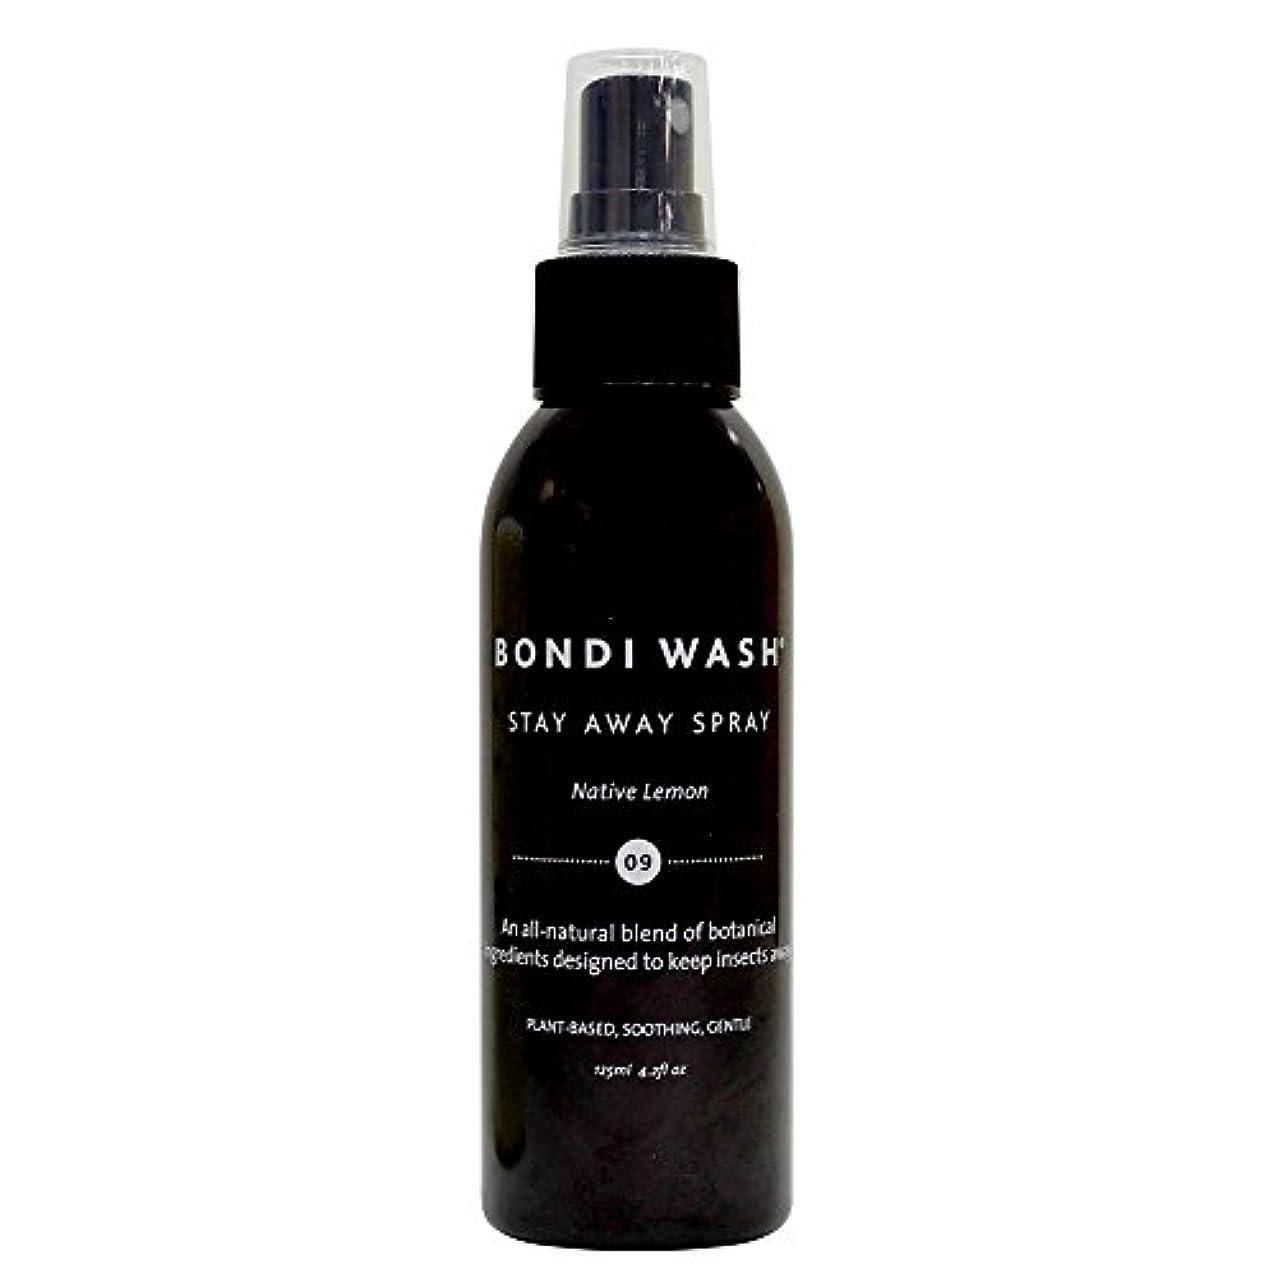 BONDI WASH ステイアウェイスプレー ネイティブレモン 125ml